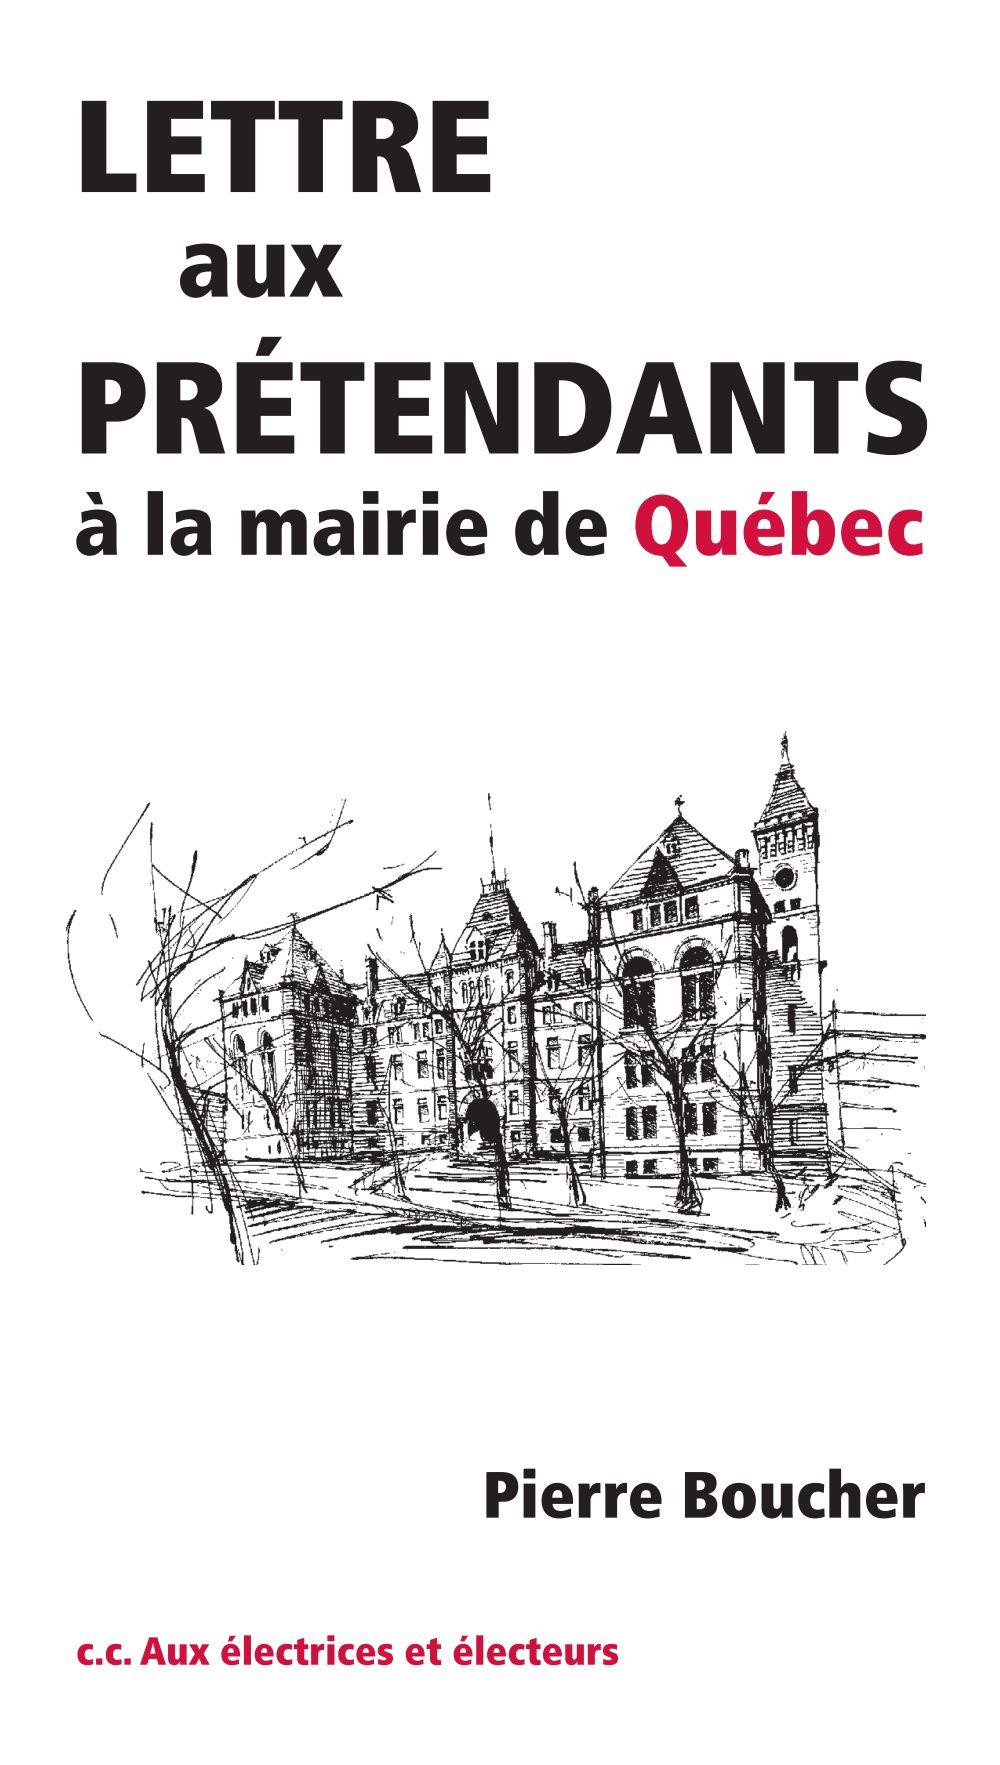 Lettre aux prétendants à la mairie de Québec